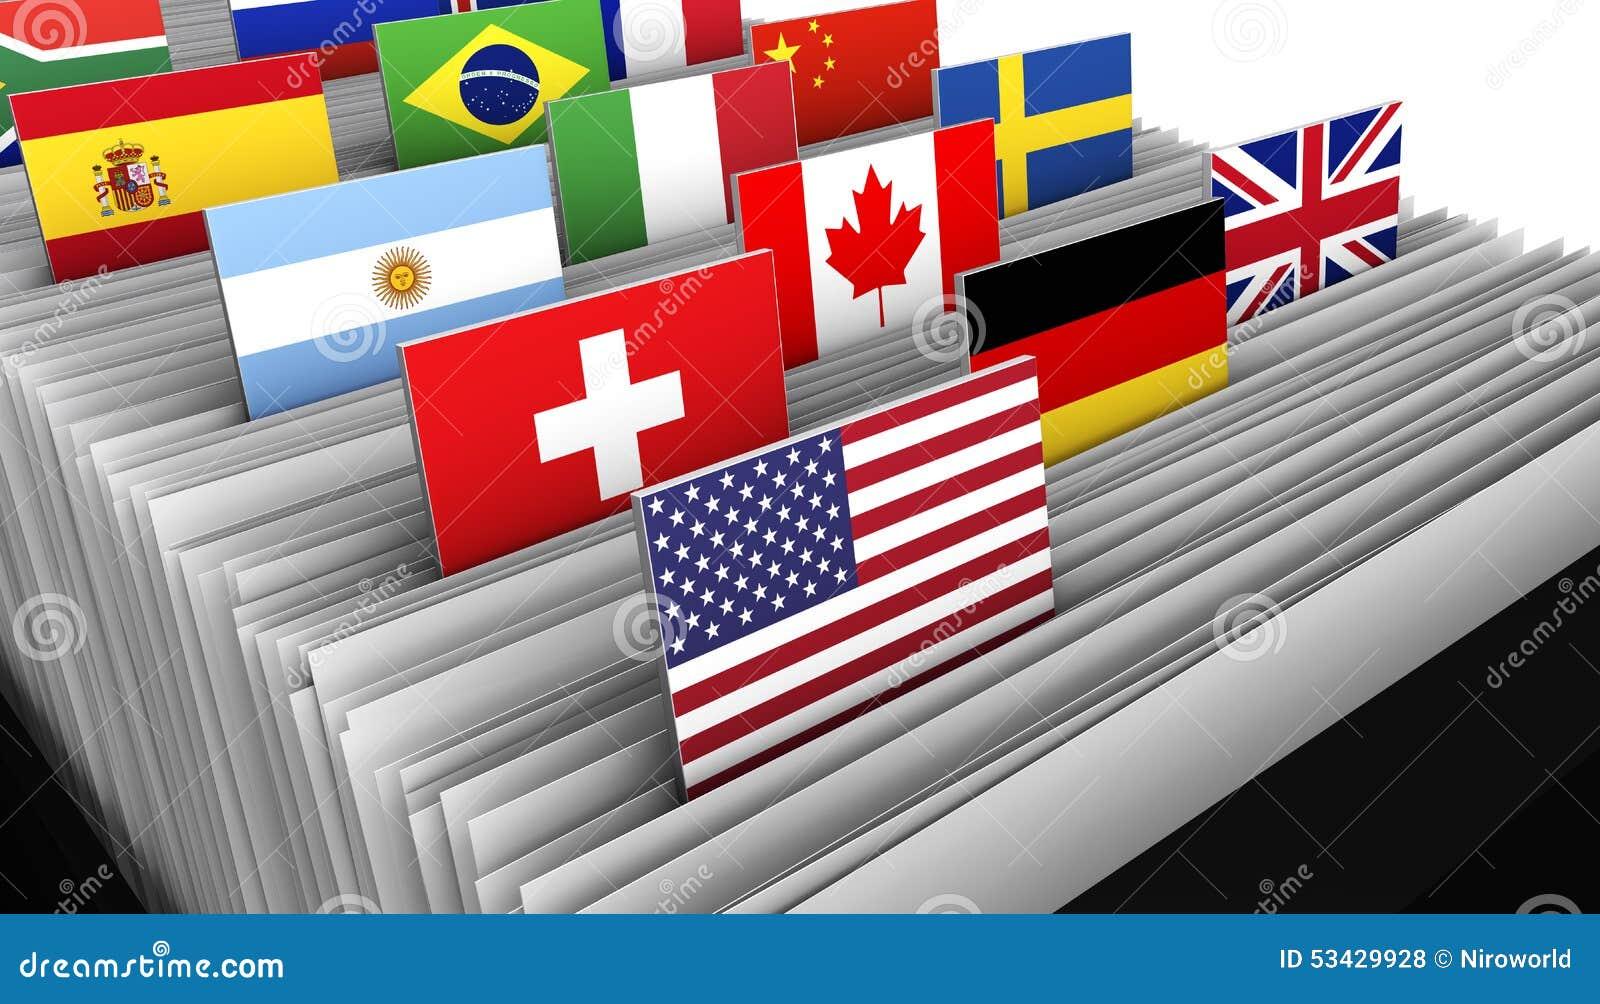 国际商业客户文件目录